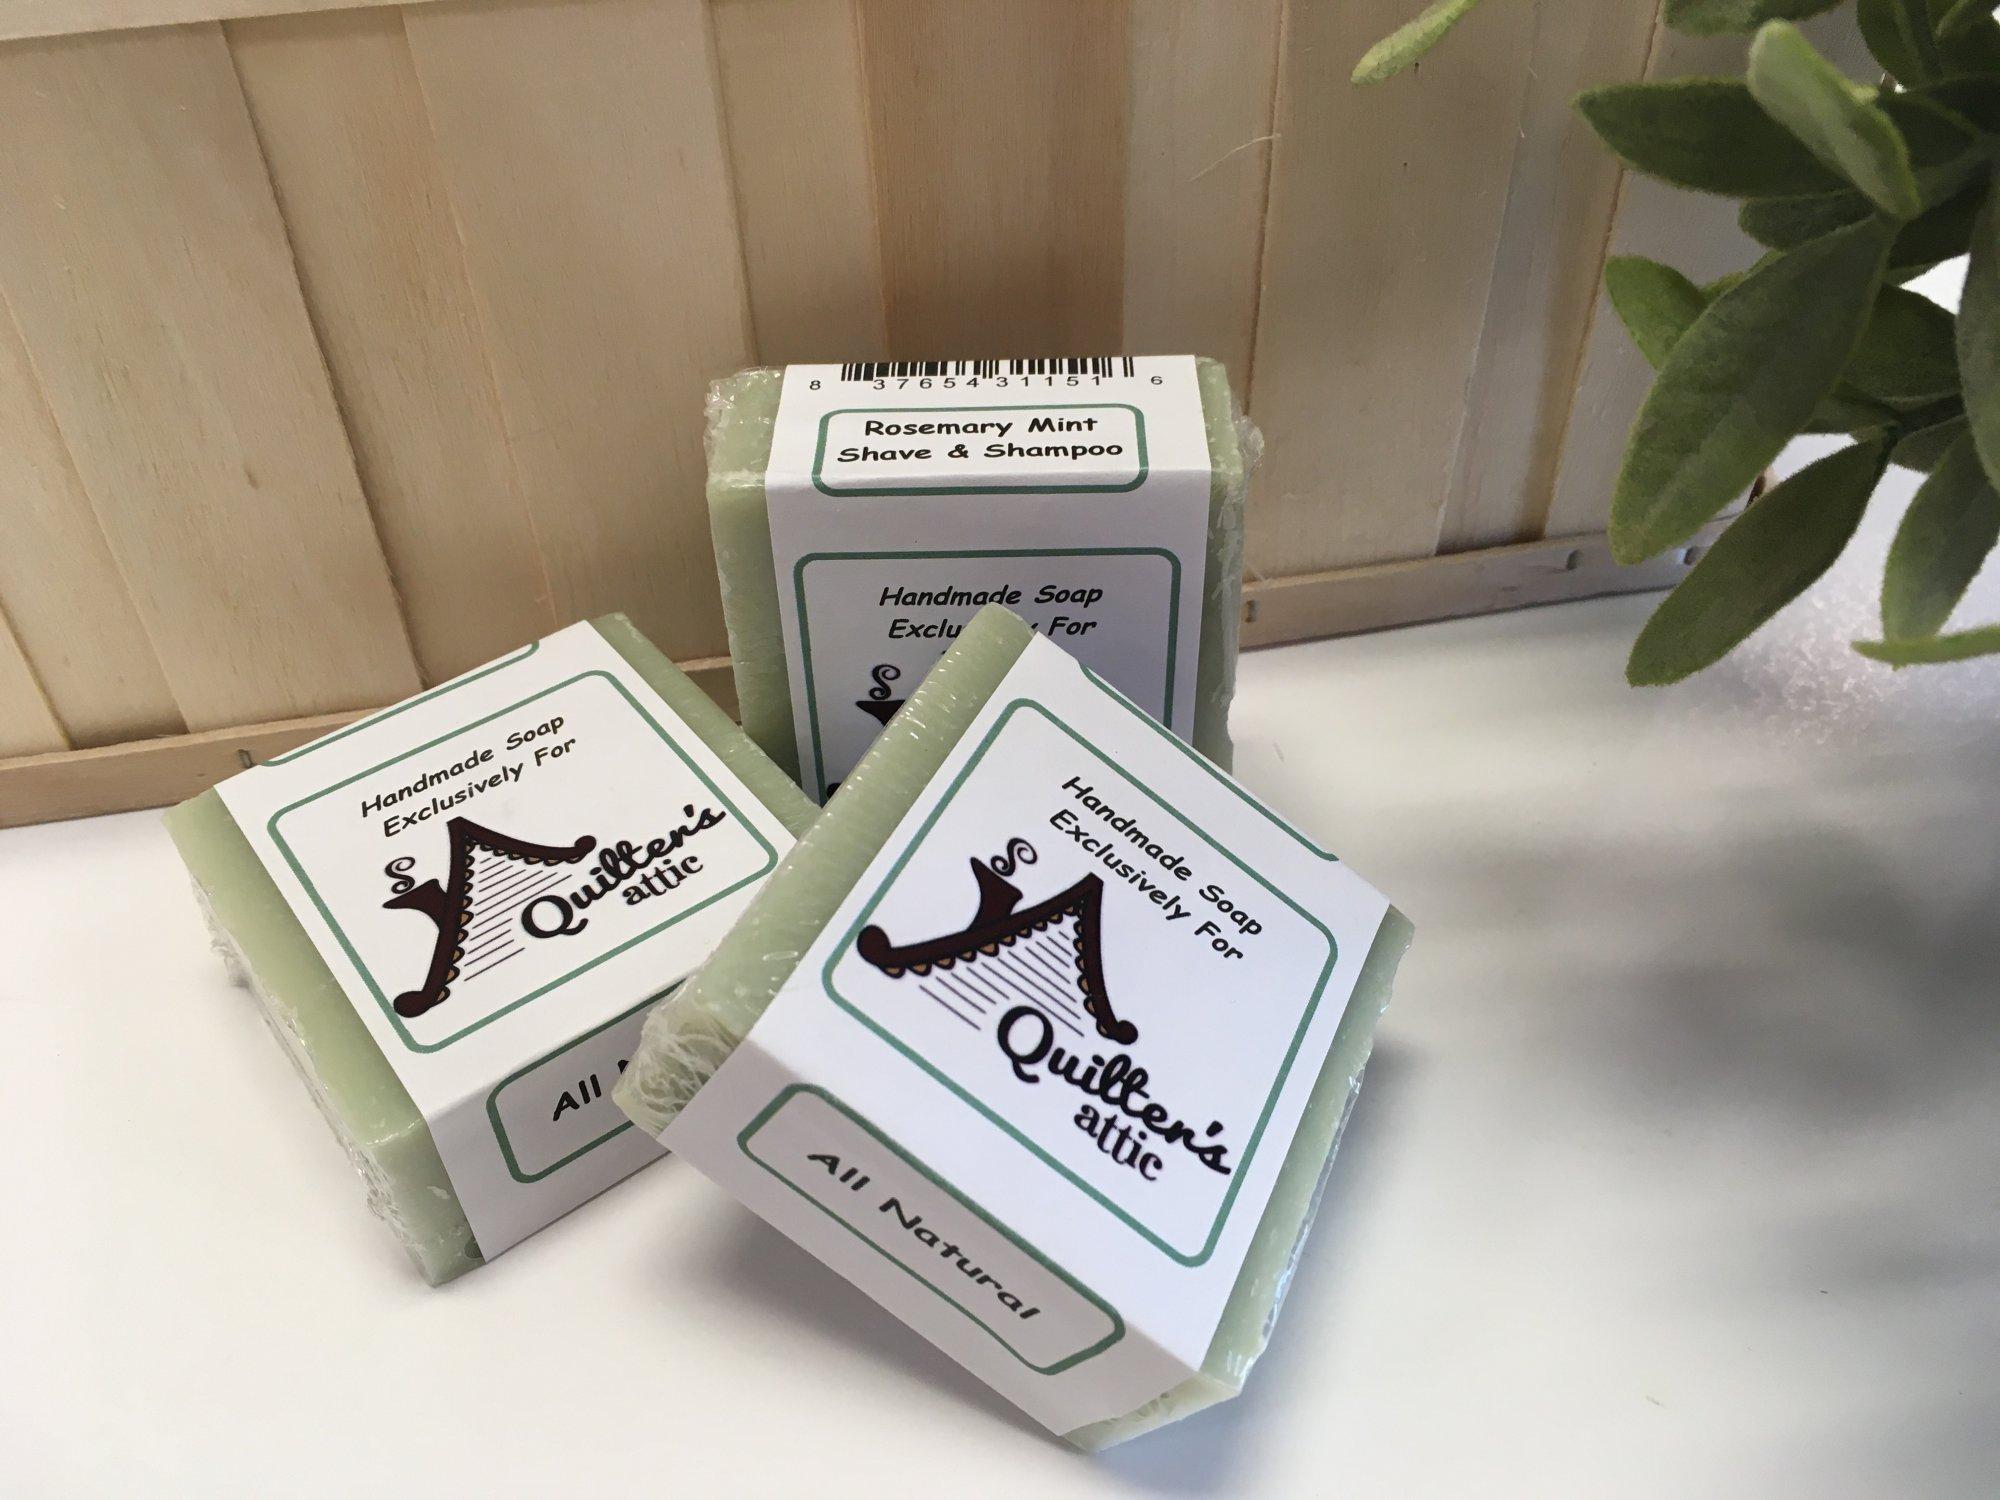 Homemade Soap - Rosemary Mint